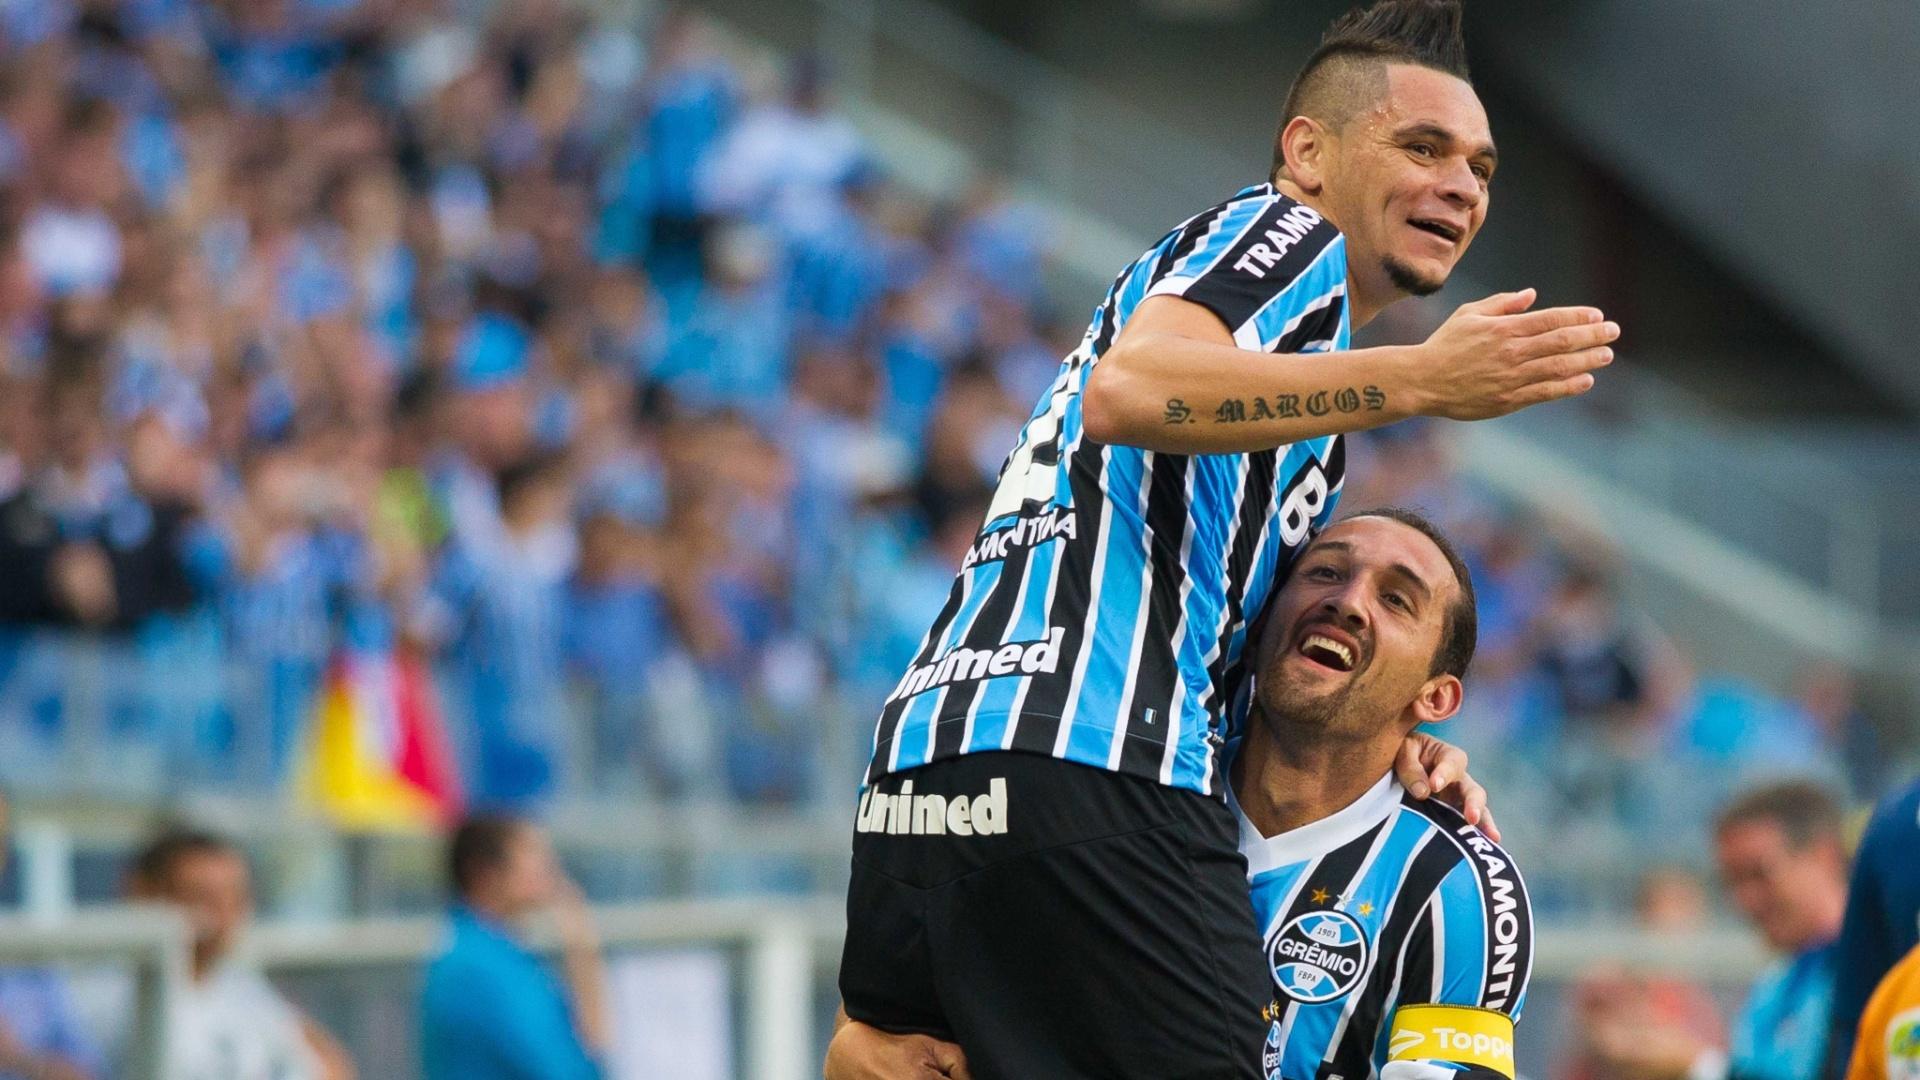 23. mar. 2014 - Barcos comemora gol marcado junto com o lateral Pará, que fez o cruzamento para o gol do atacante